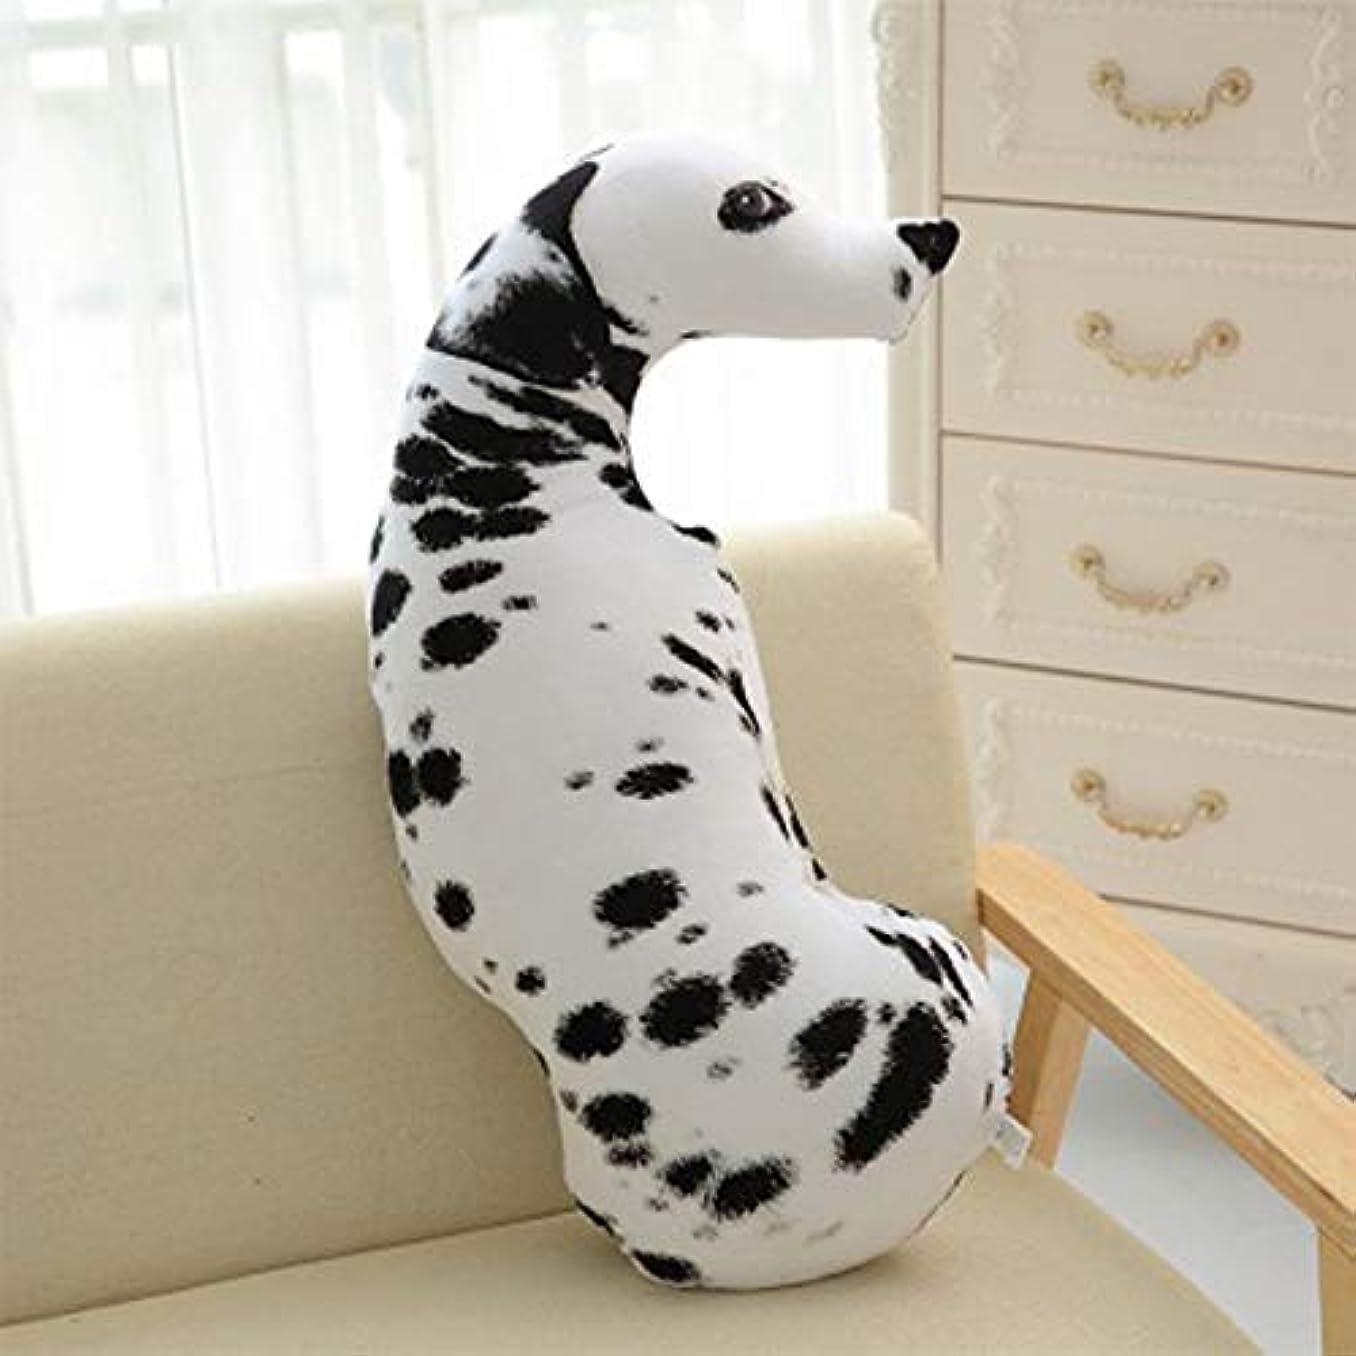 モニカ安定しました乱雑なLIFE 3D プリントシミュレーション犬ぬいぐるみクッションぬいぐるみ犬ぬいぐるみ枕ぬいぐるみの漫画クッションキッズ人形ベストギフト クッション 椅子